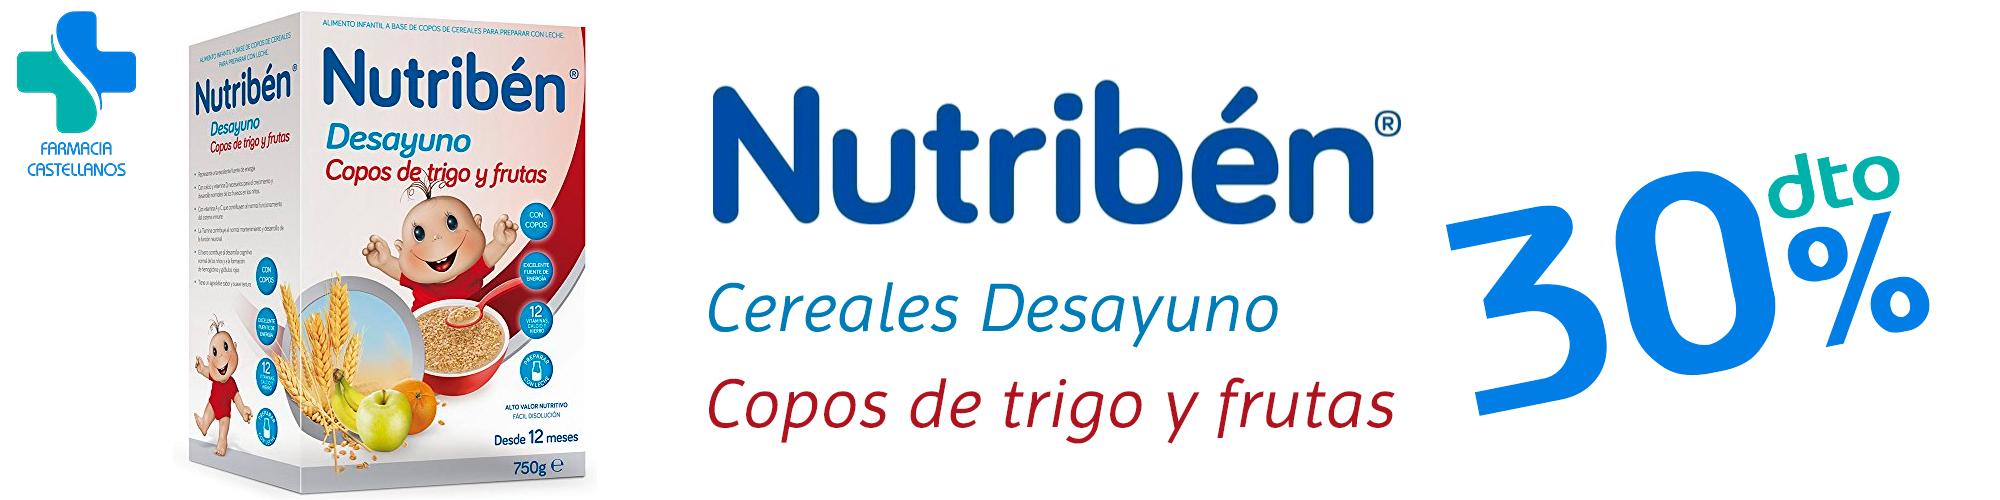 promo-nutriben-cereales-farmaciabeatrizcastellanos